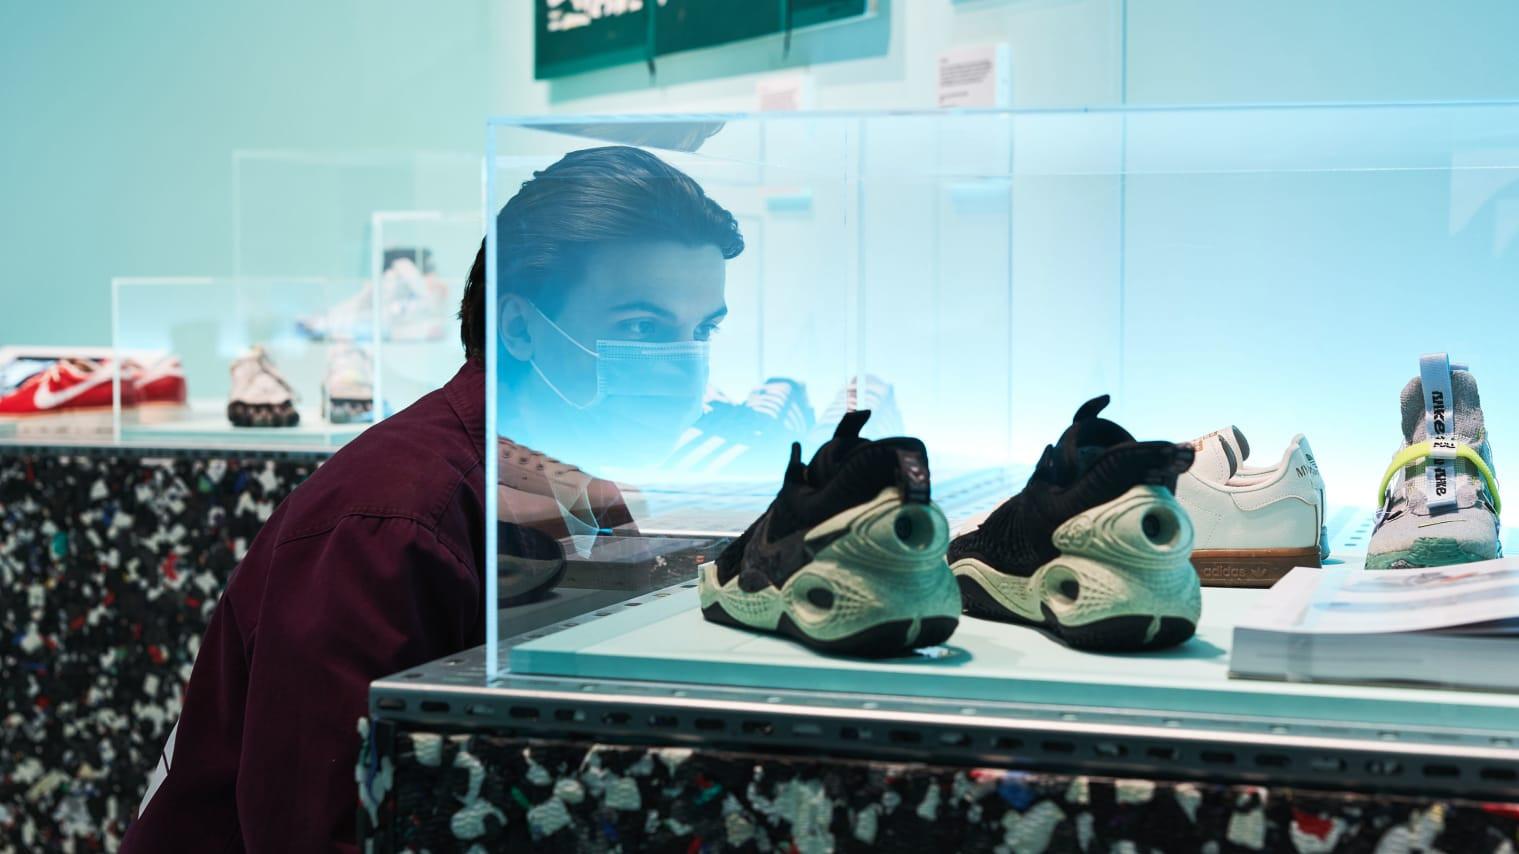 1165万元!当一双运动鞋卖到天价后,你知道炒鞋背后的故事吗?